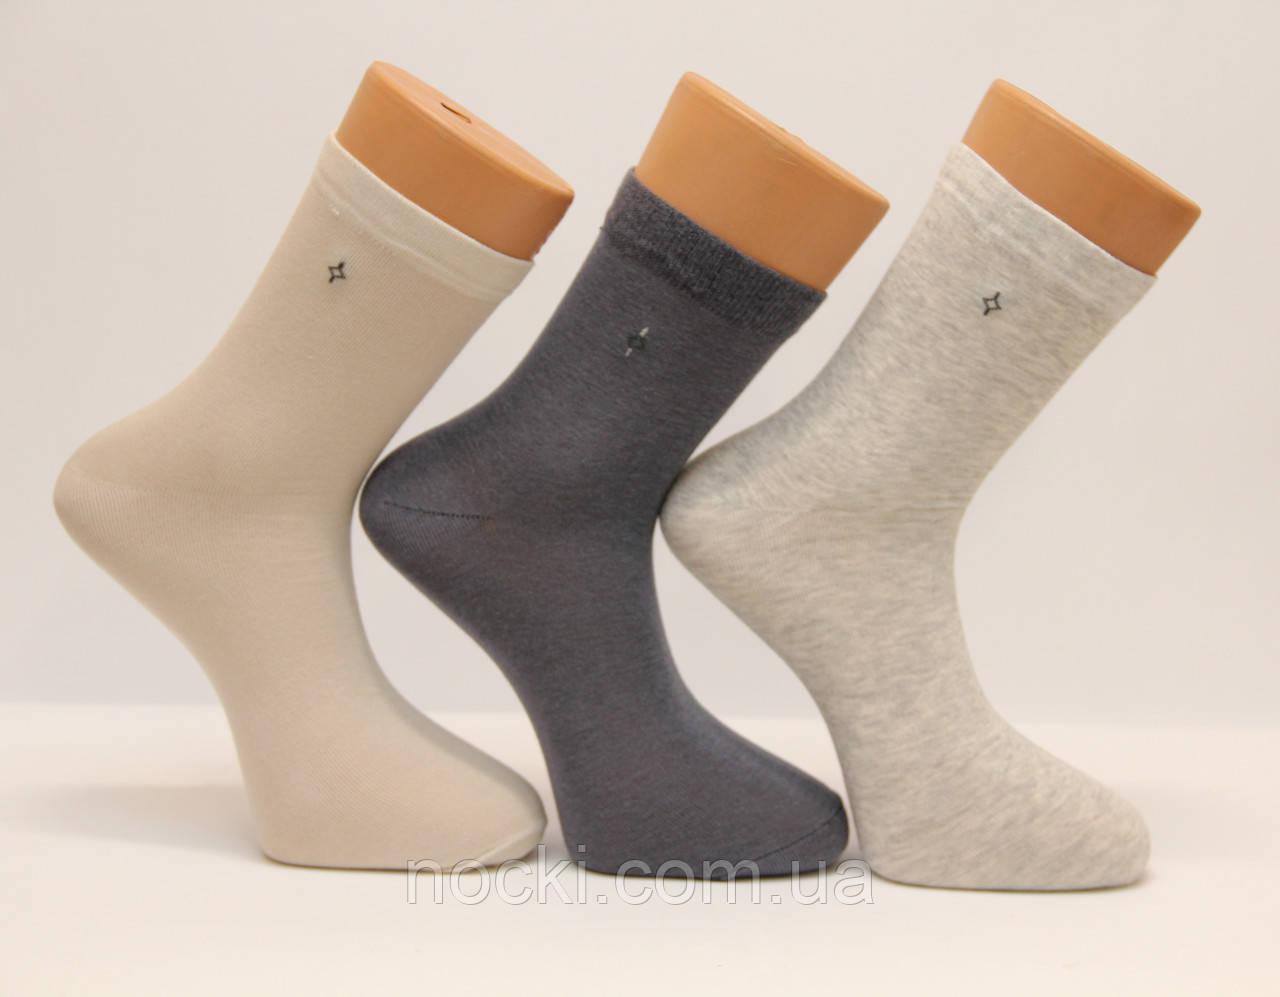 Мужские носки средние с хлопка 200 СЛ НЛ 25-27 светлые ассорти